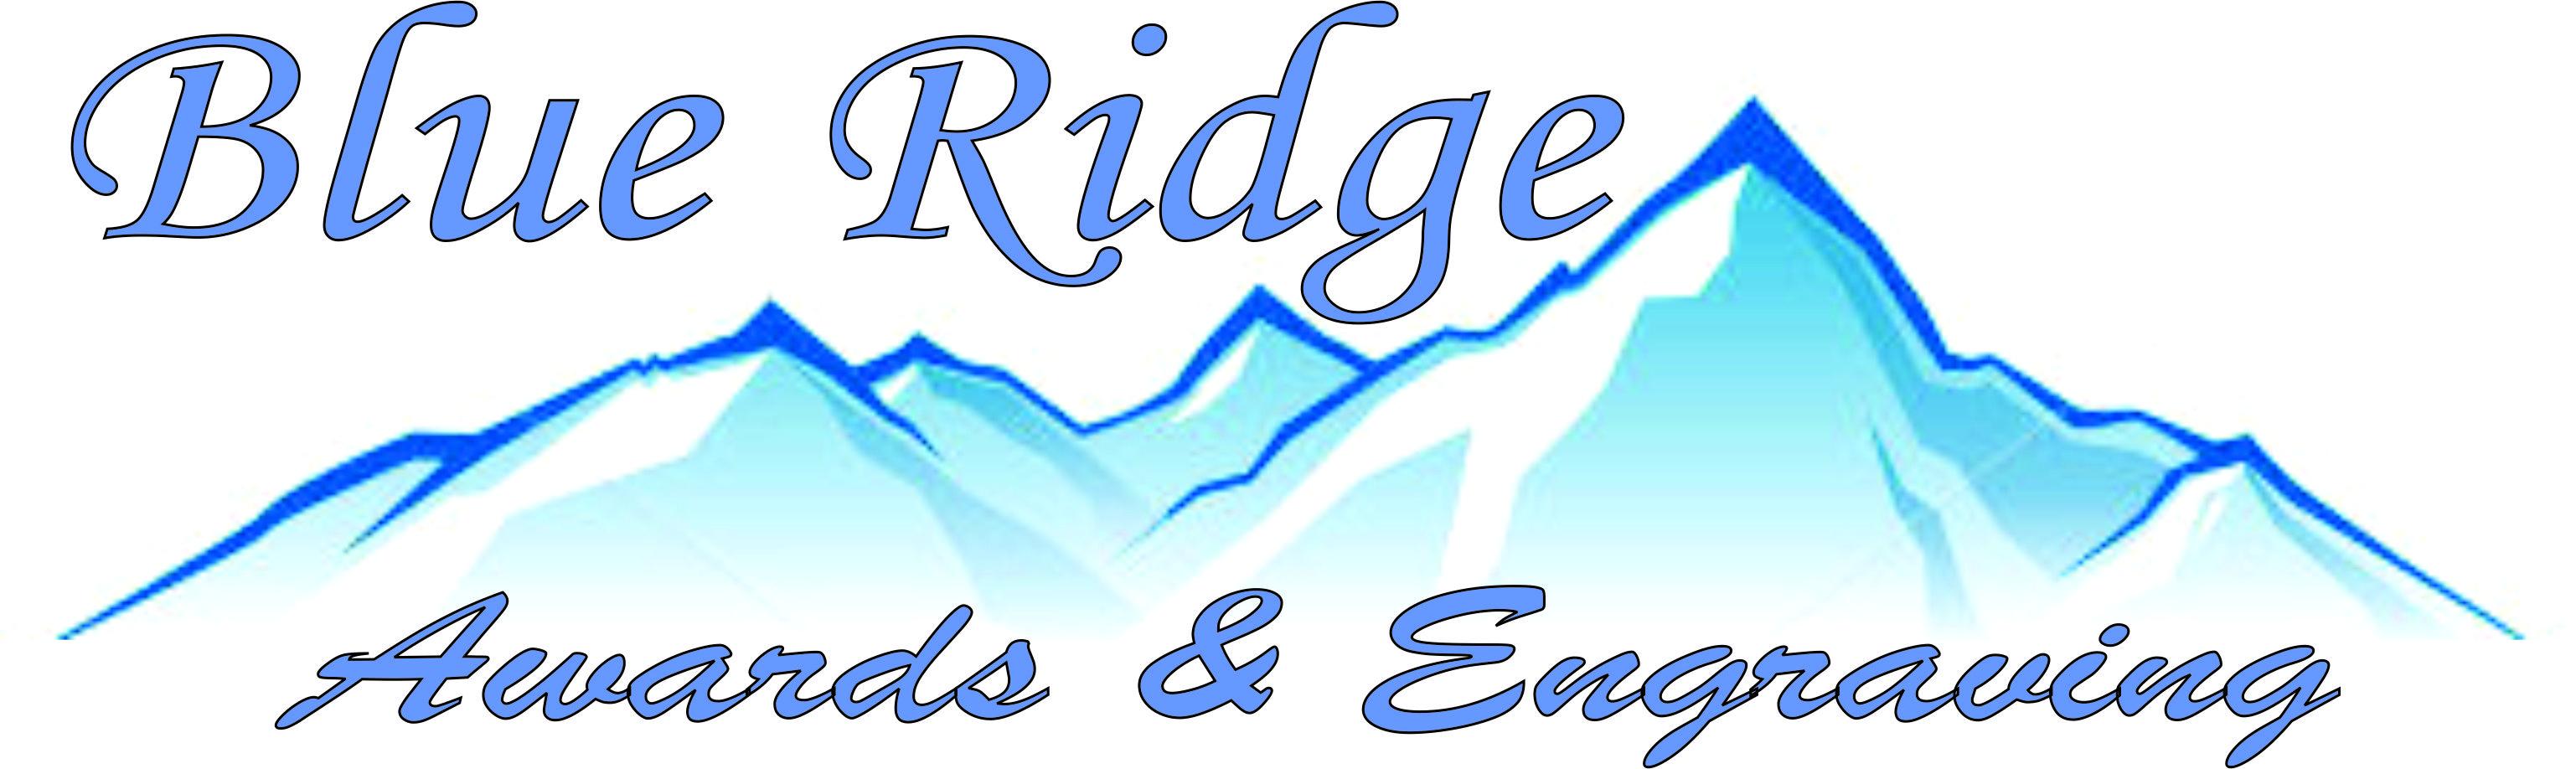 Blue Ridge Awards & Engraving, Inc.